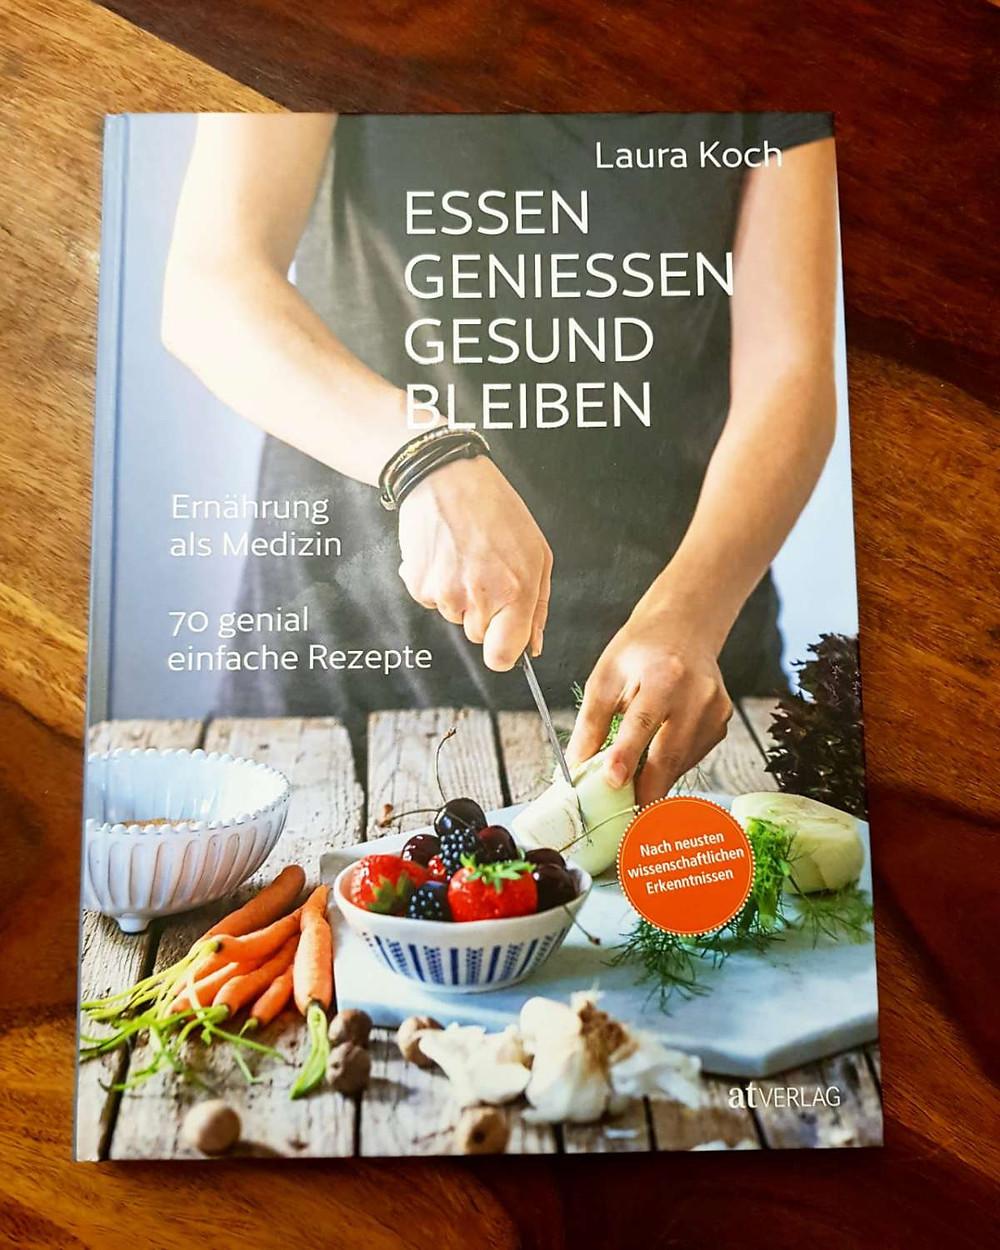 Essen geniessen gesund bleiben Laura Koch